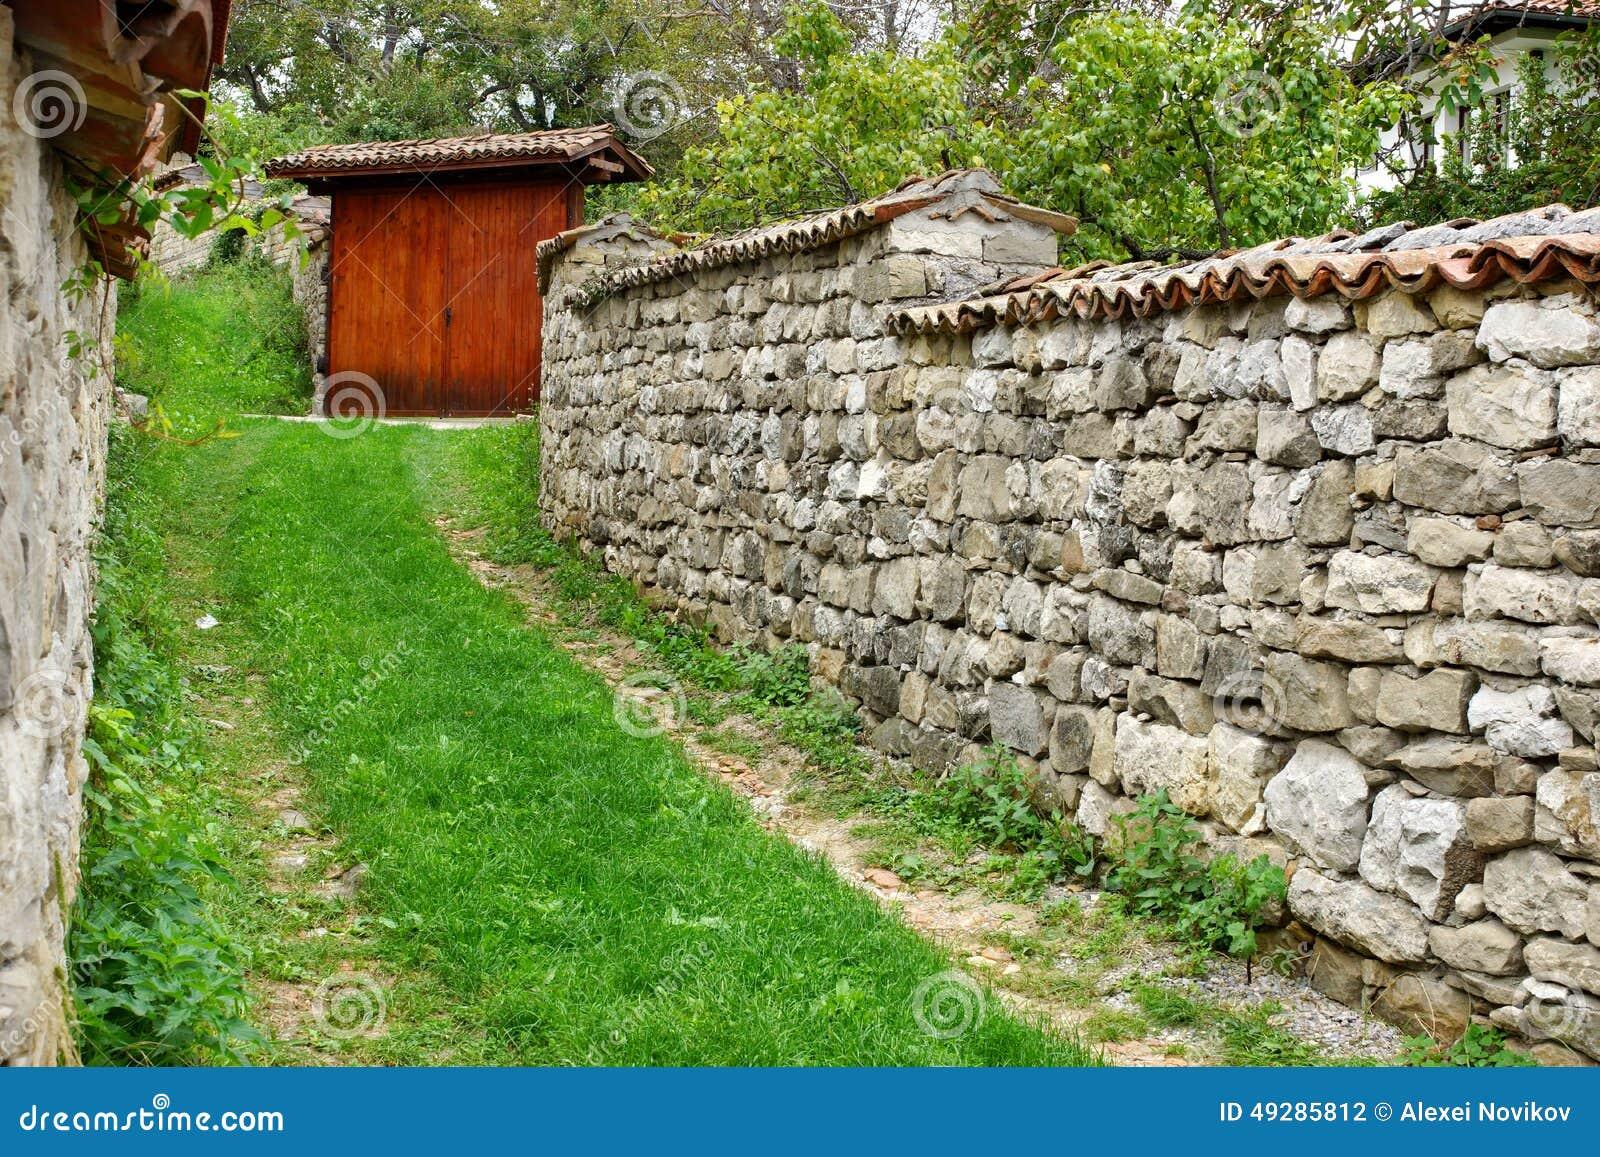 altes hölzernes tor und stein-zaun stockfoto - bild von einzeln